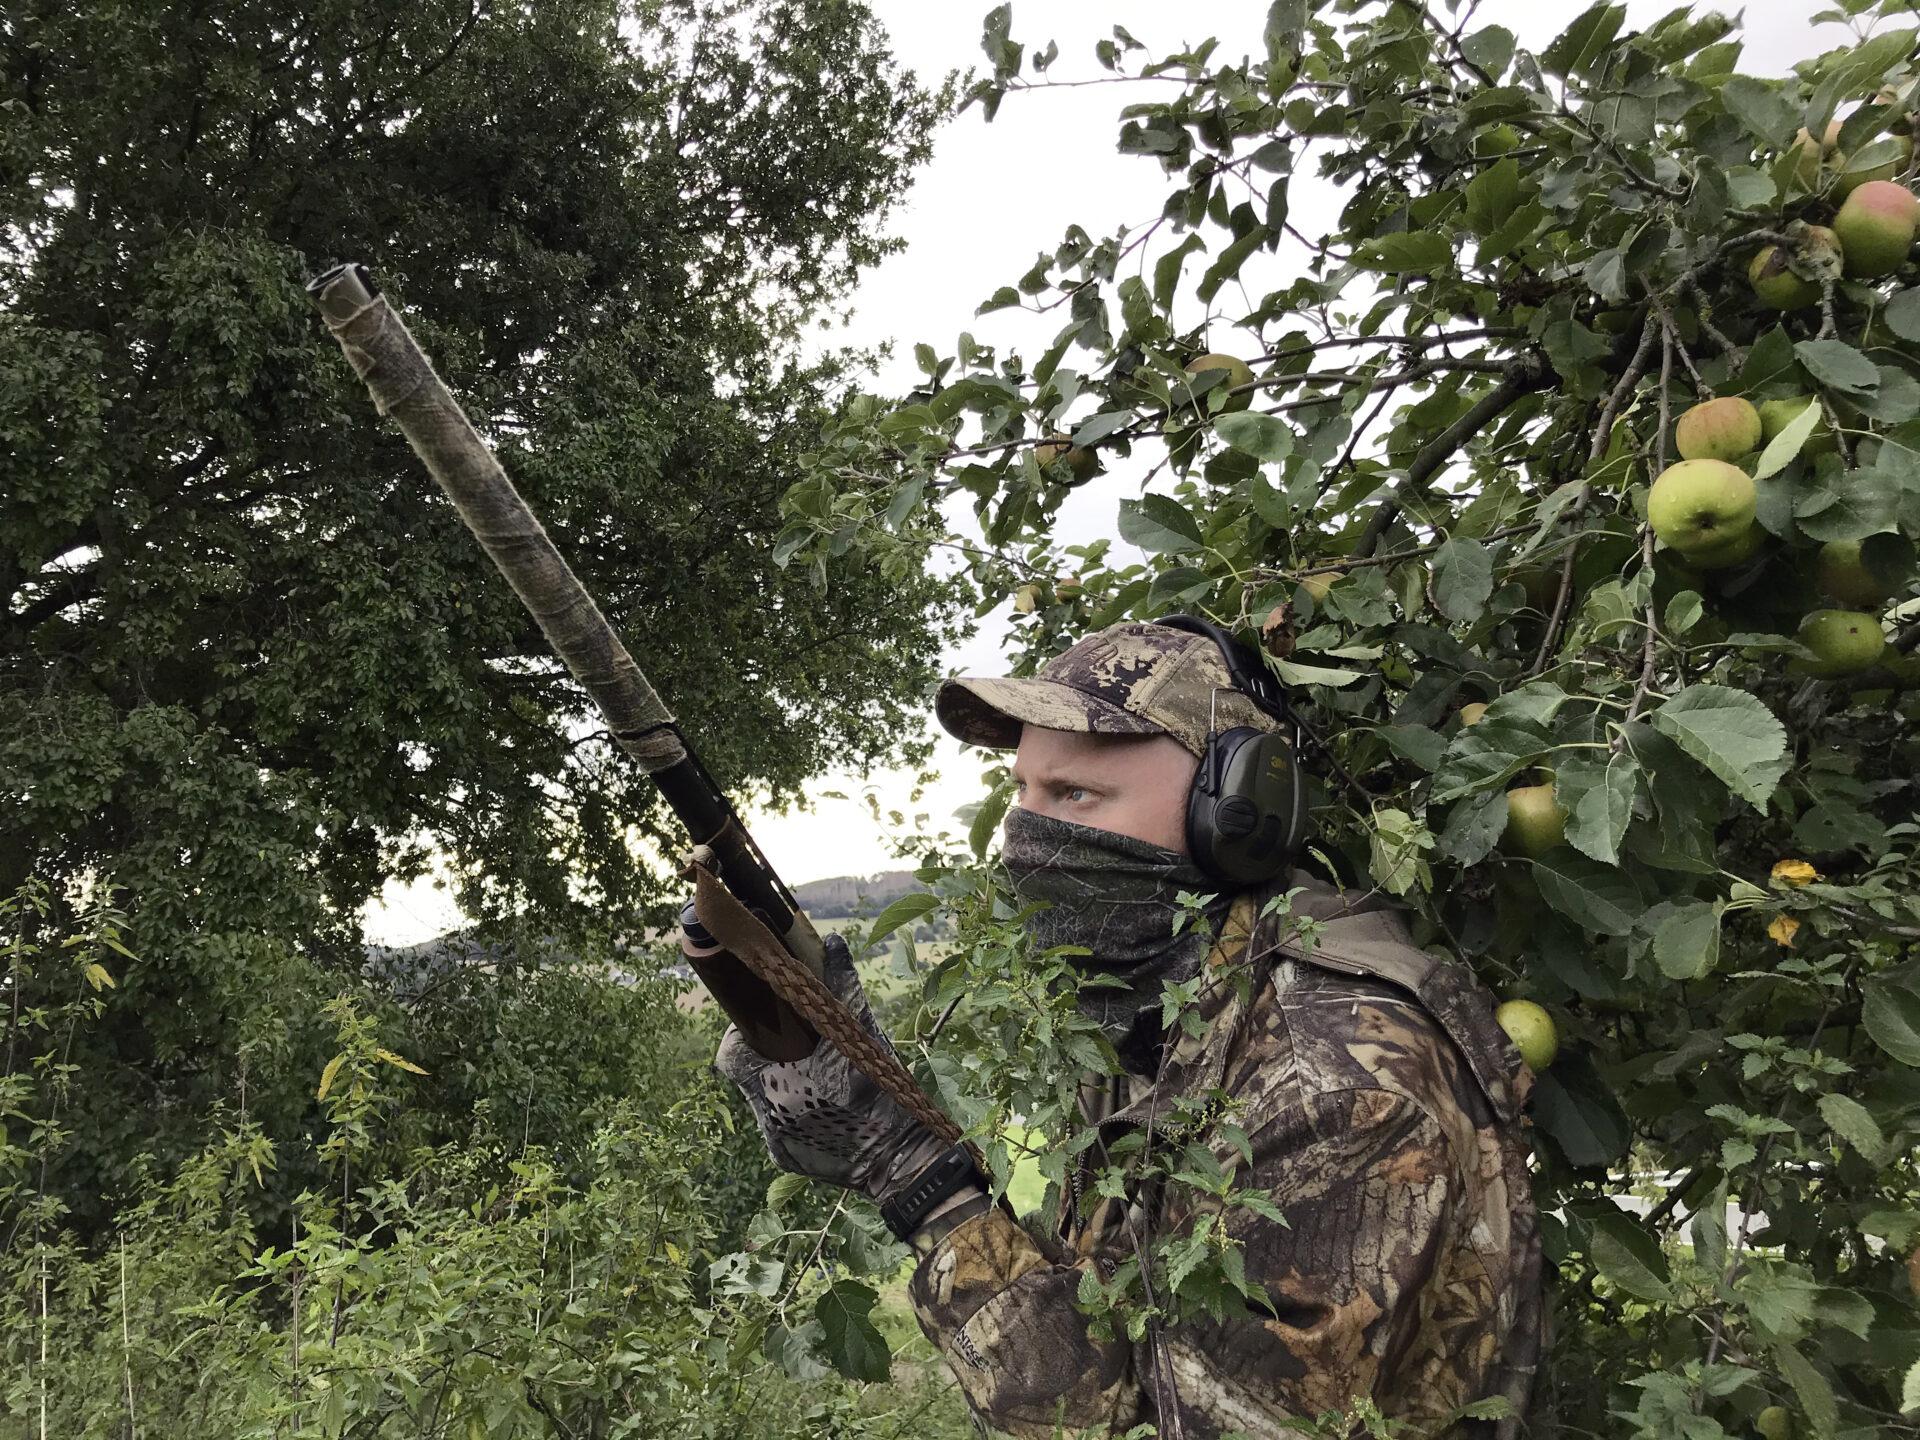 Ein getarnter Jäger bei der Elsternjagd